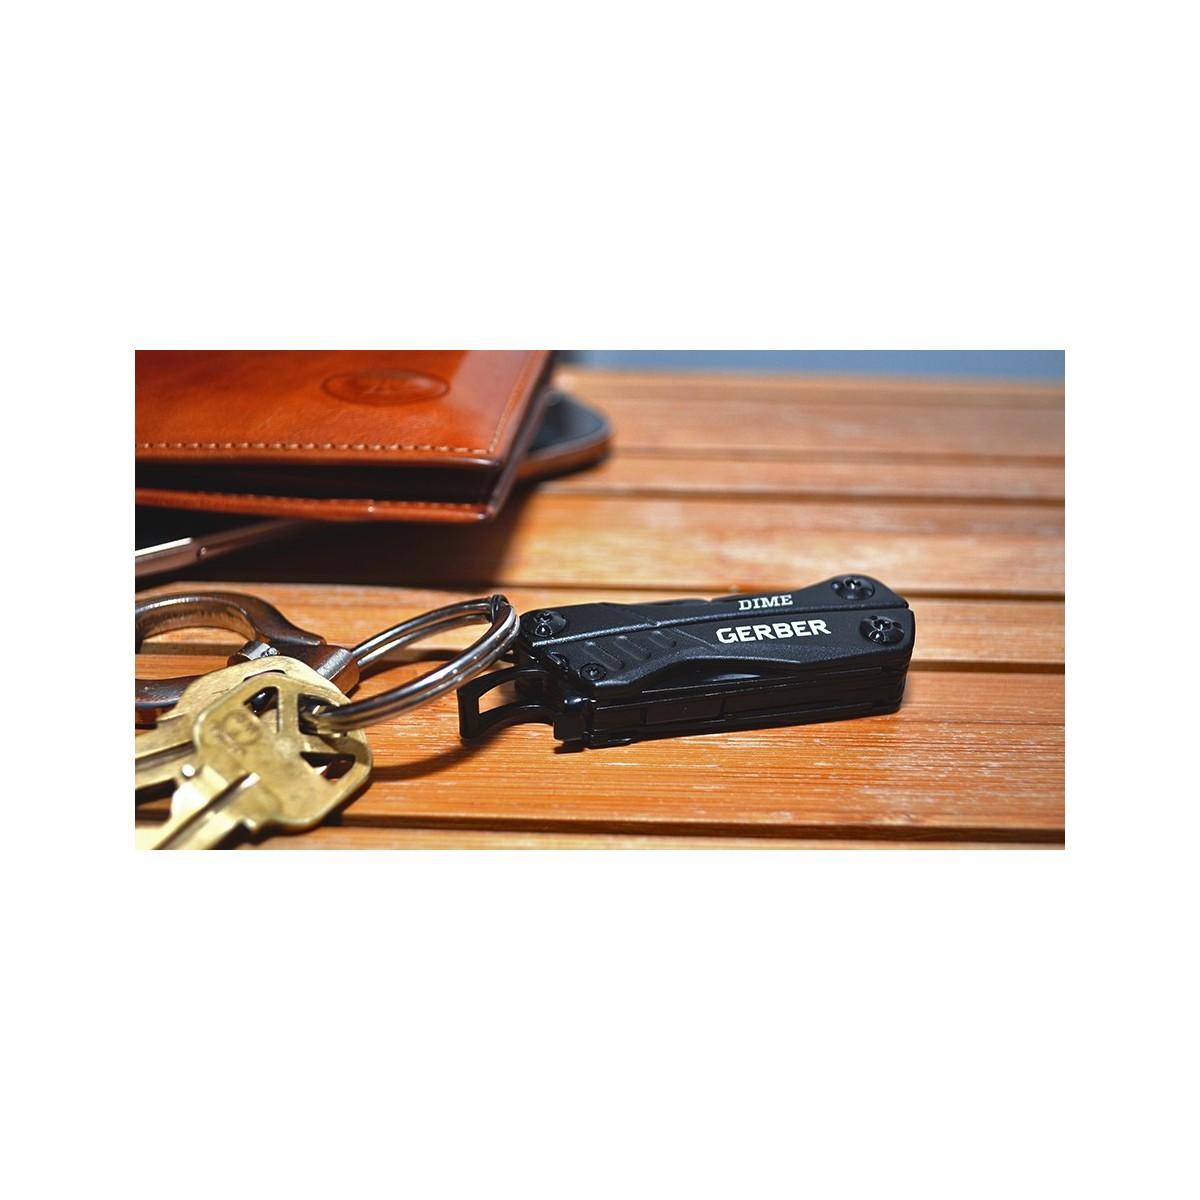 คีม มัลติทูลส์ Gerber Dime Multi-Tool Black (30-000469)